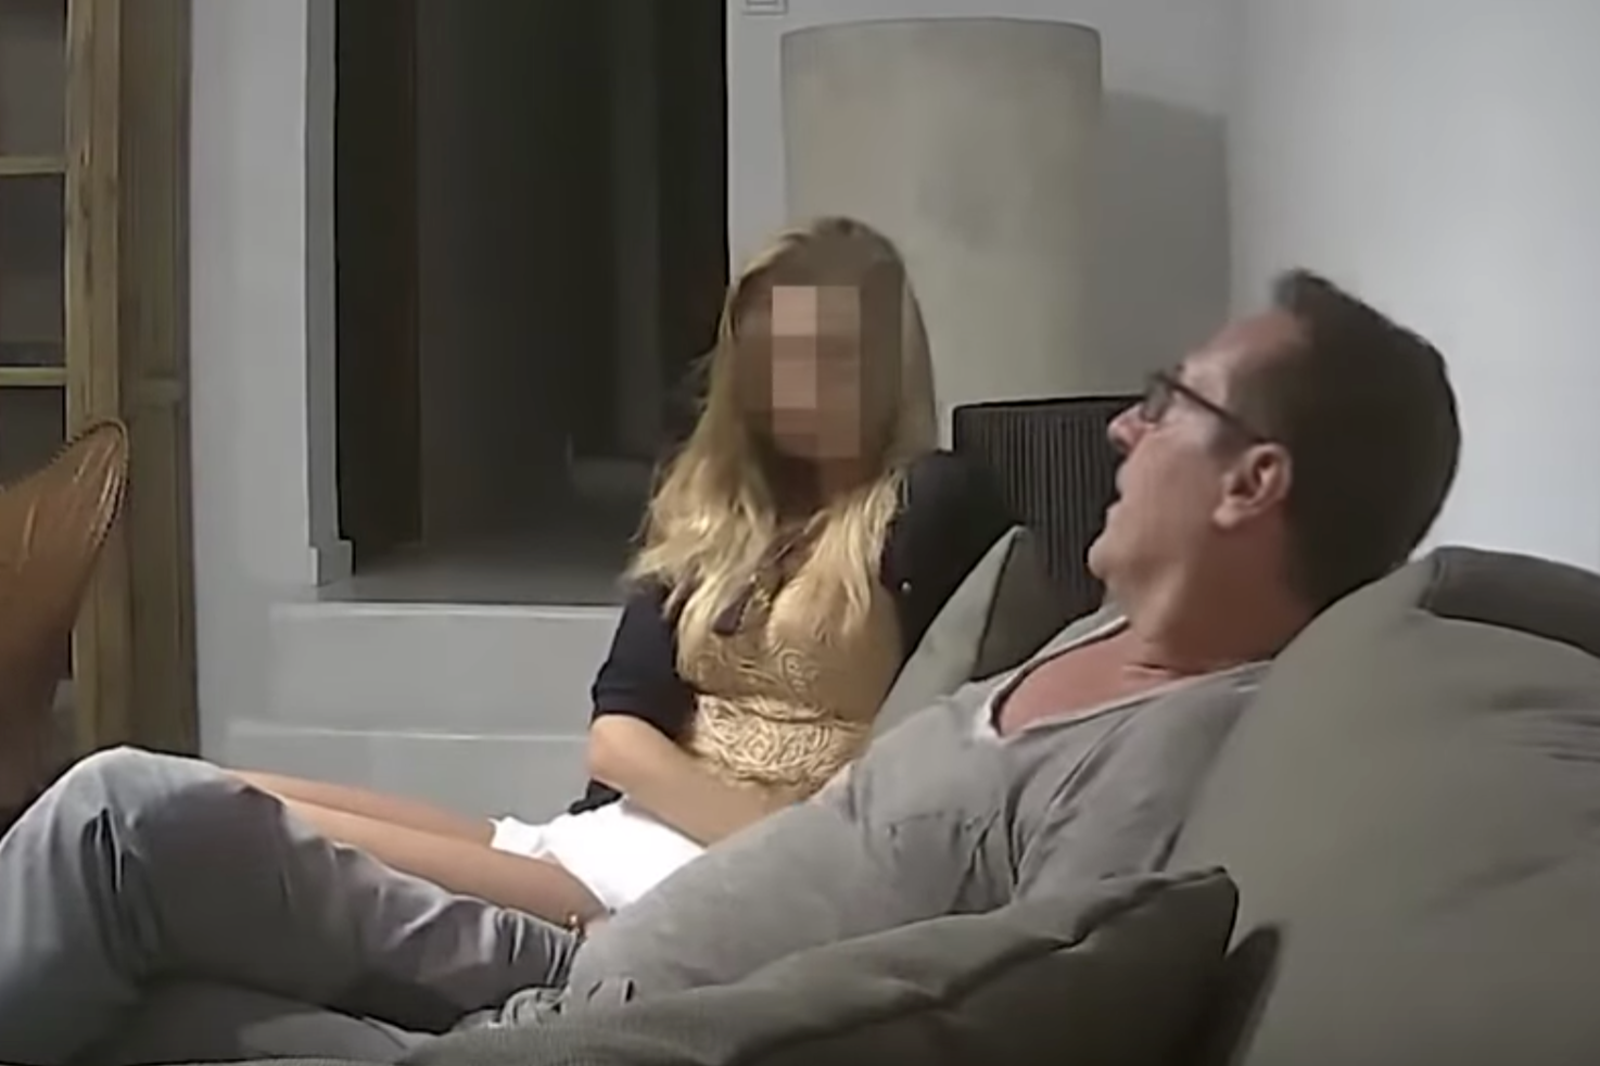 So finden Sie versteckte Kameras in ihrem Airbnb-Appartement